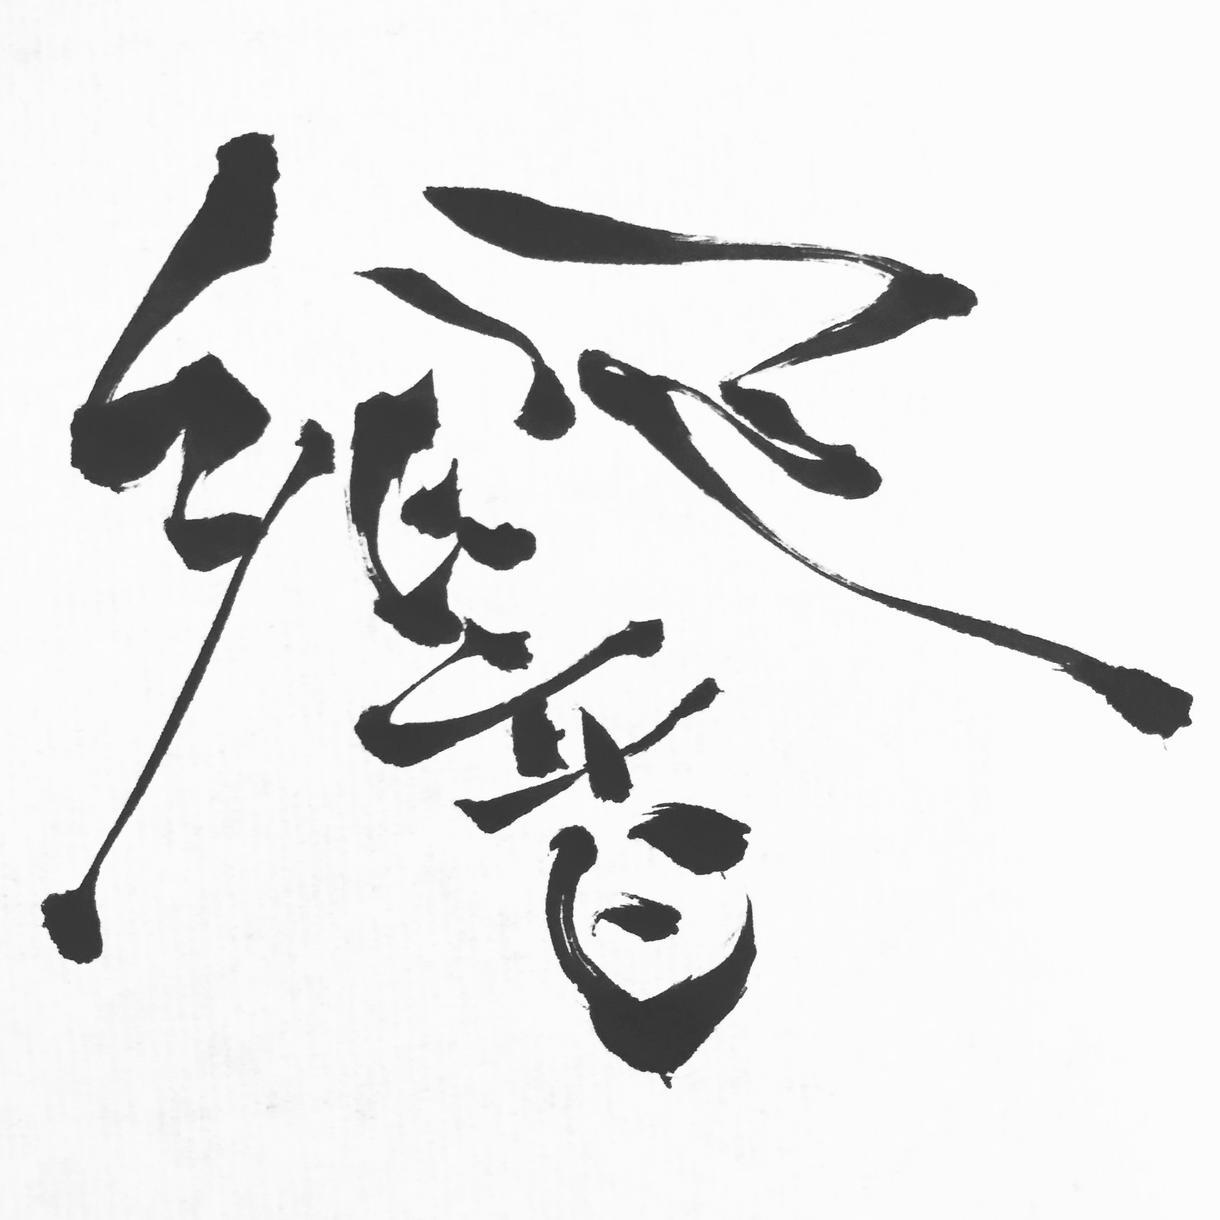 お好きな文字(1文字のみ)を筆文字で書きます 通常のフォントではなく味のある文字を使いたい方向け